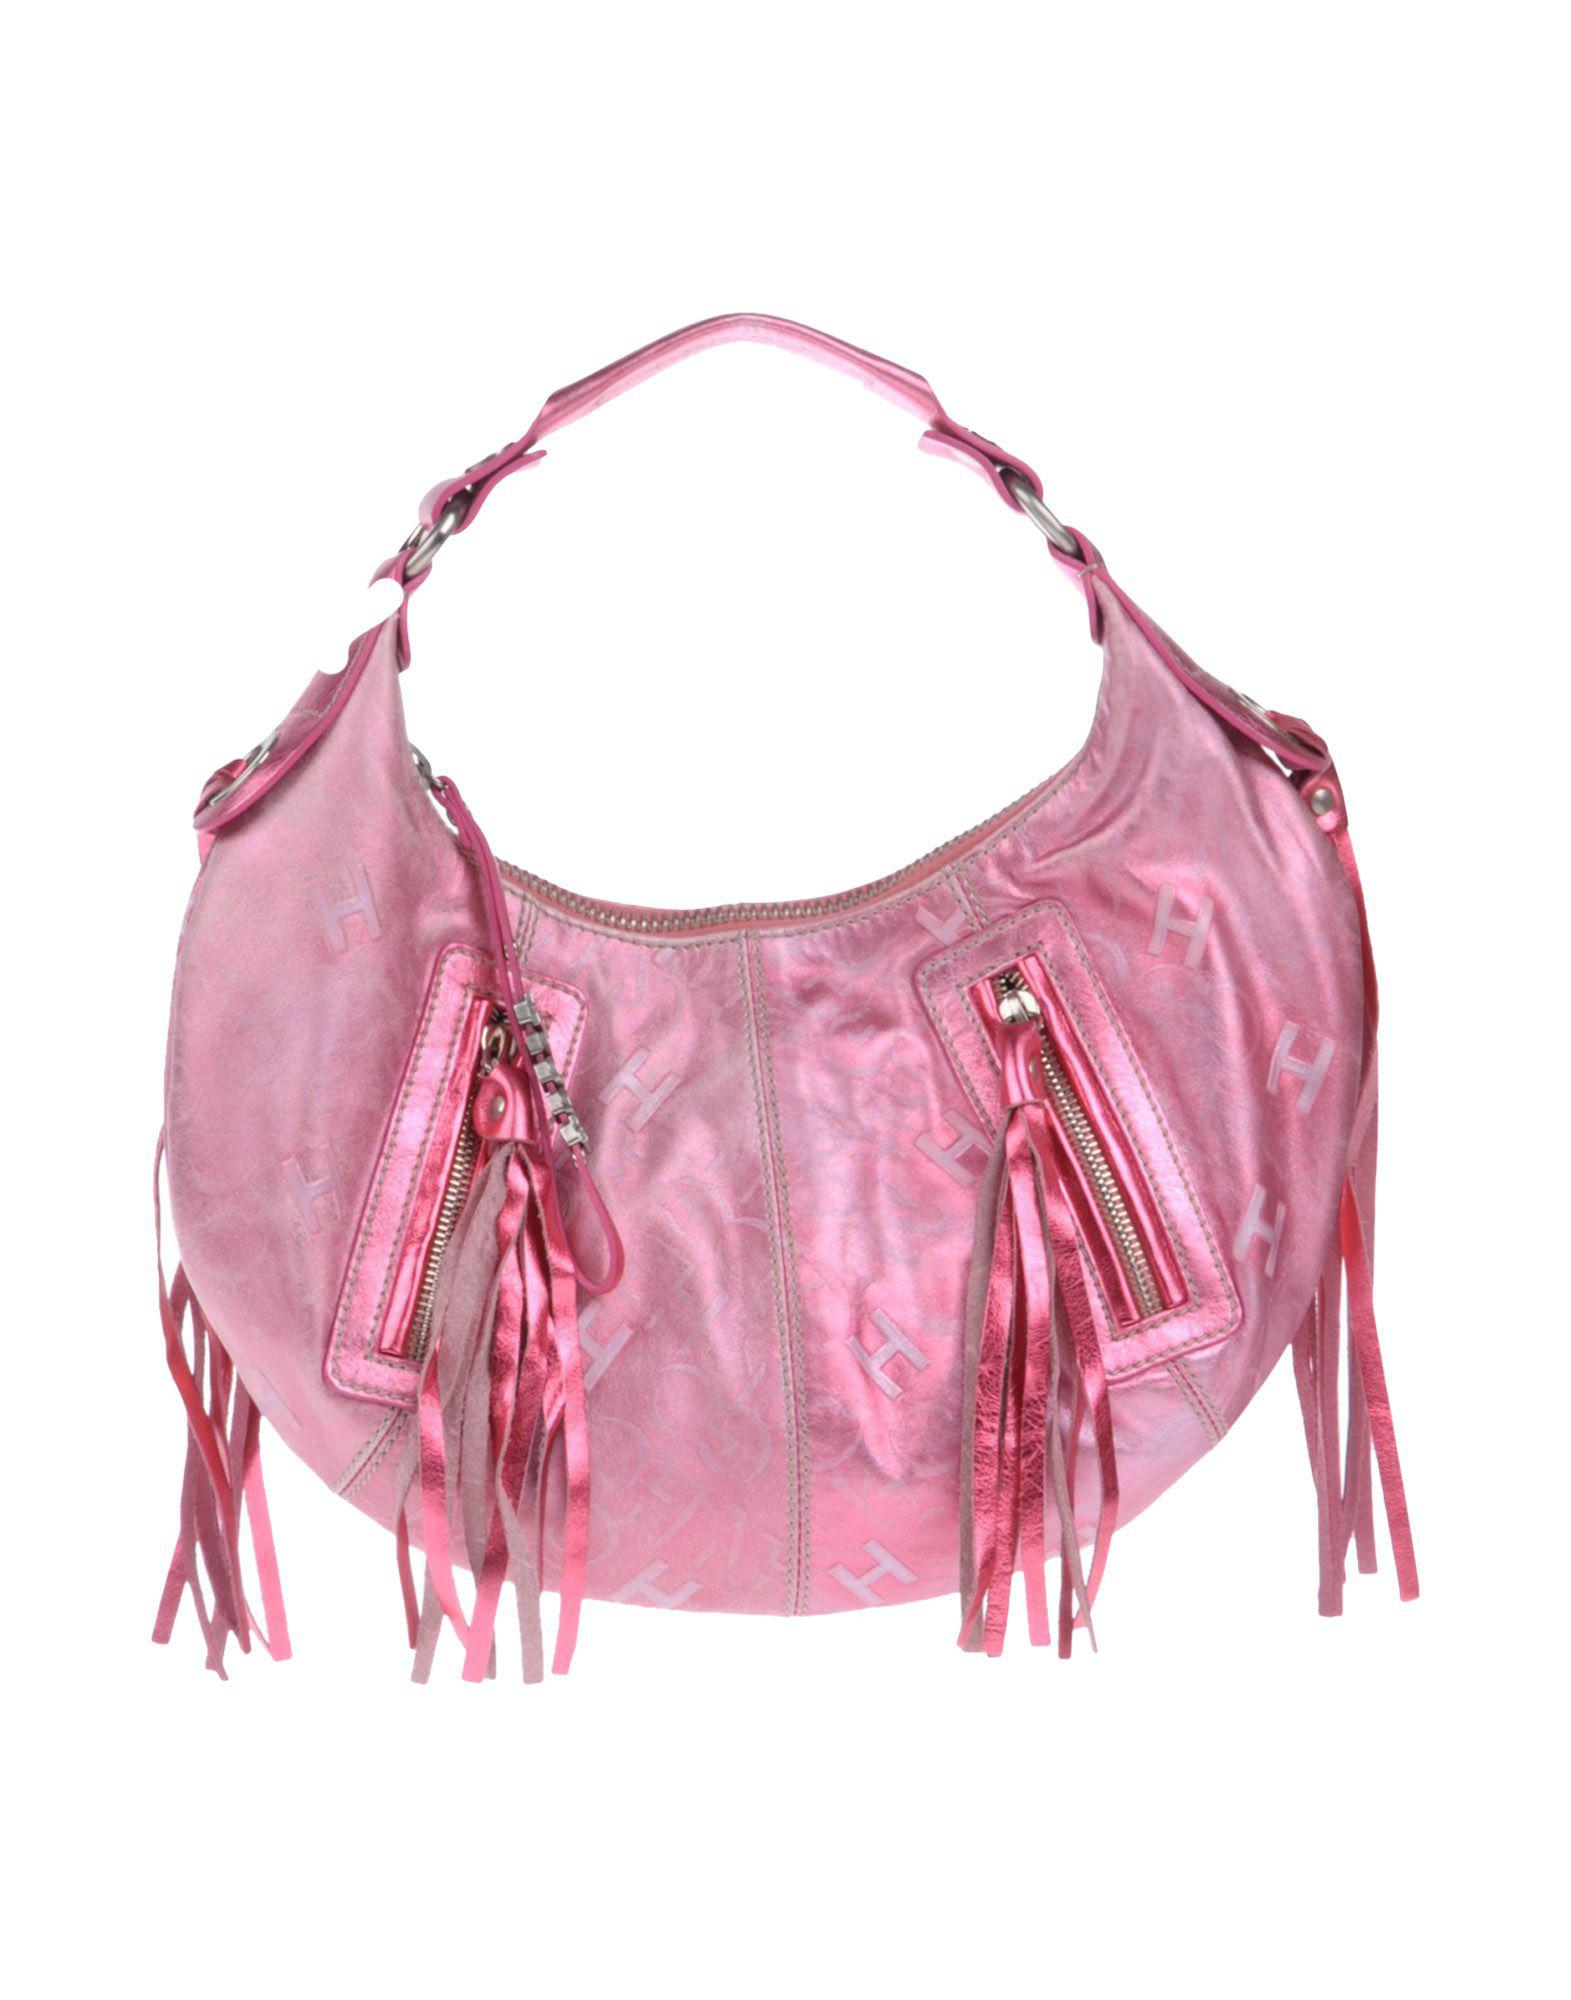 Hogan Handbag in Pink - Lyst 50e7589b1c2ba